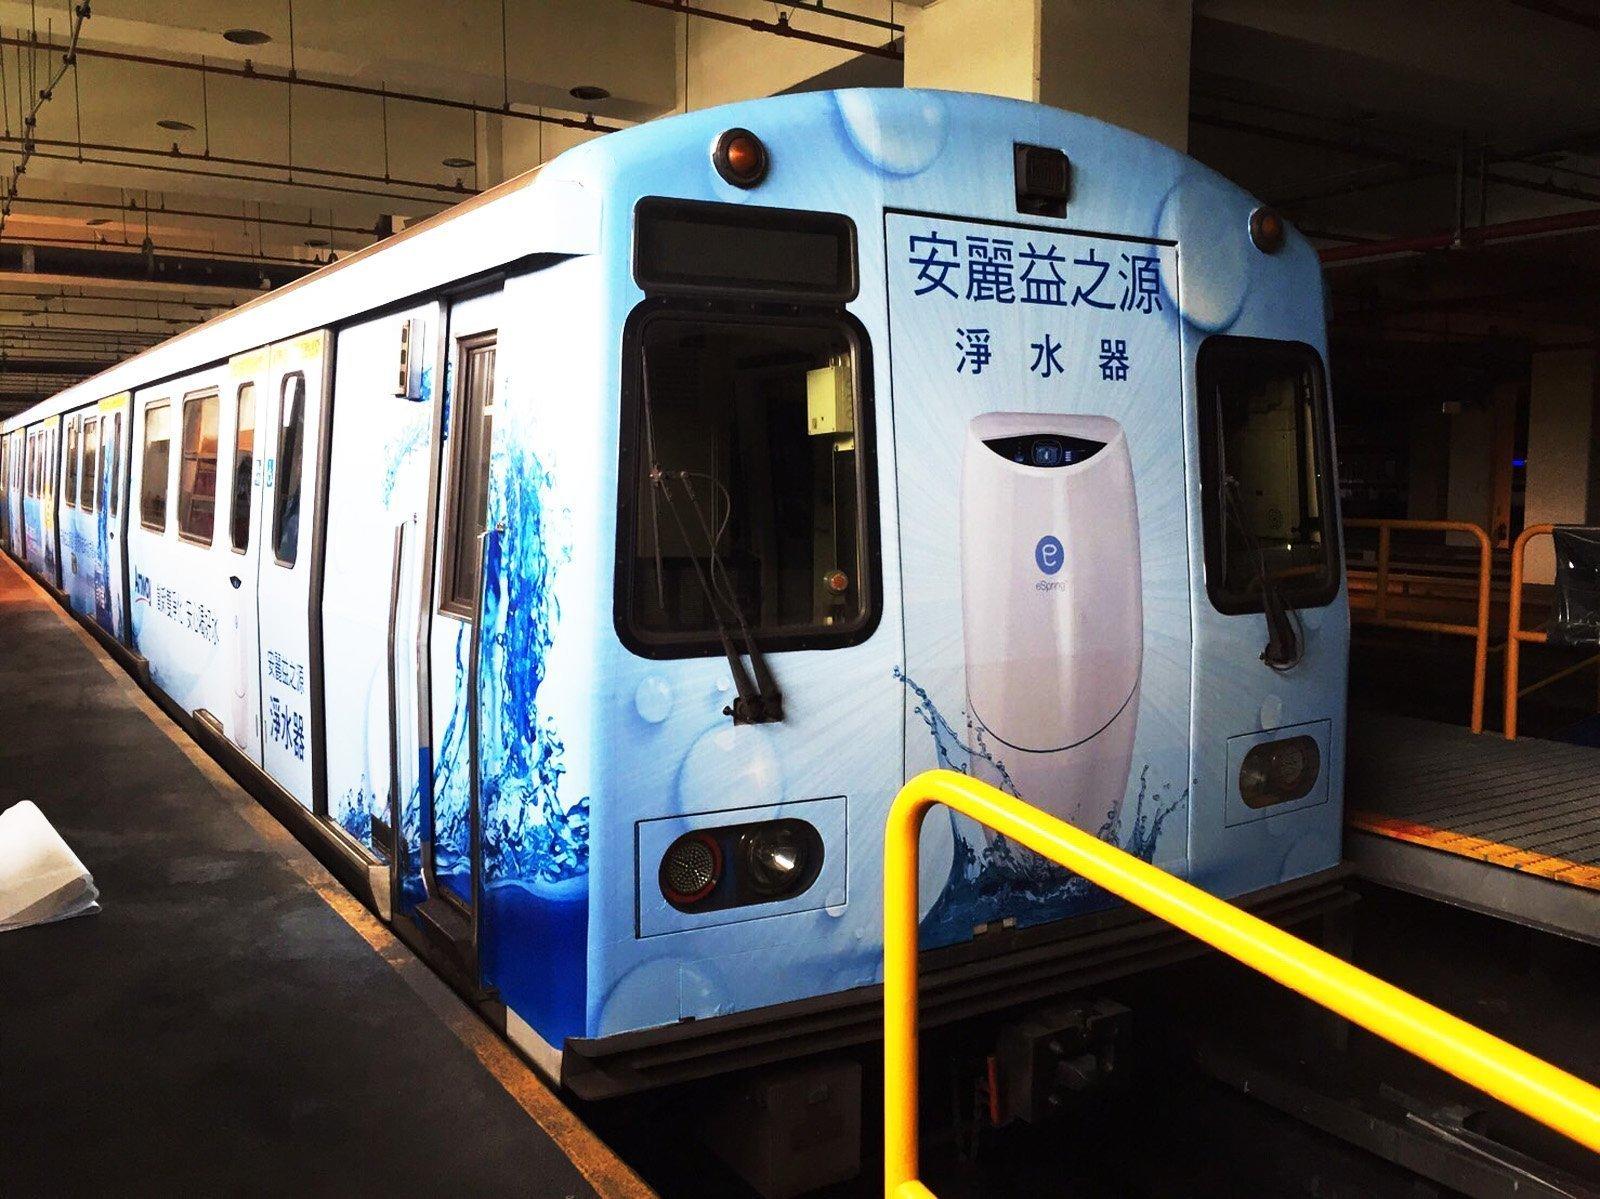 台北捷運彩繪列車 安麗益之源